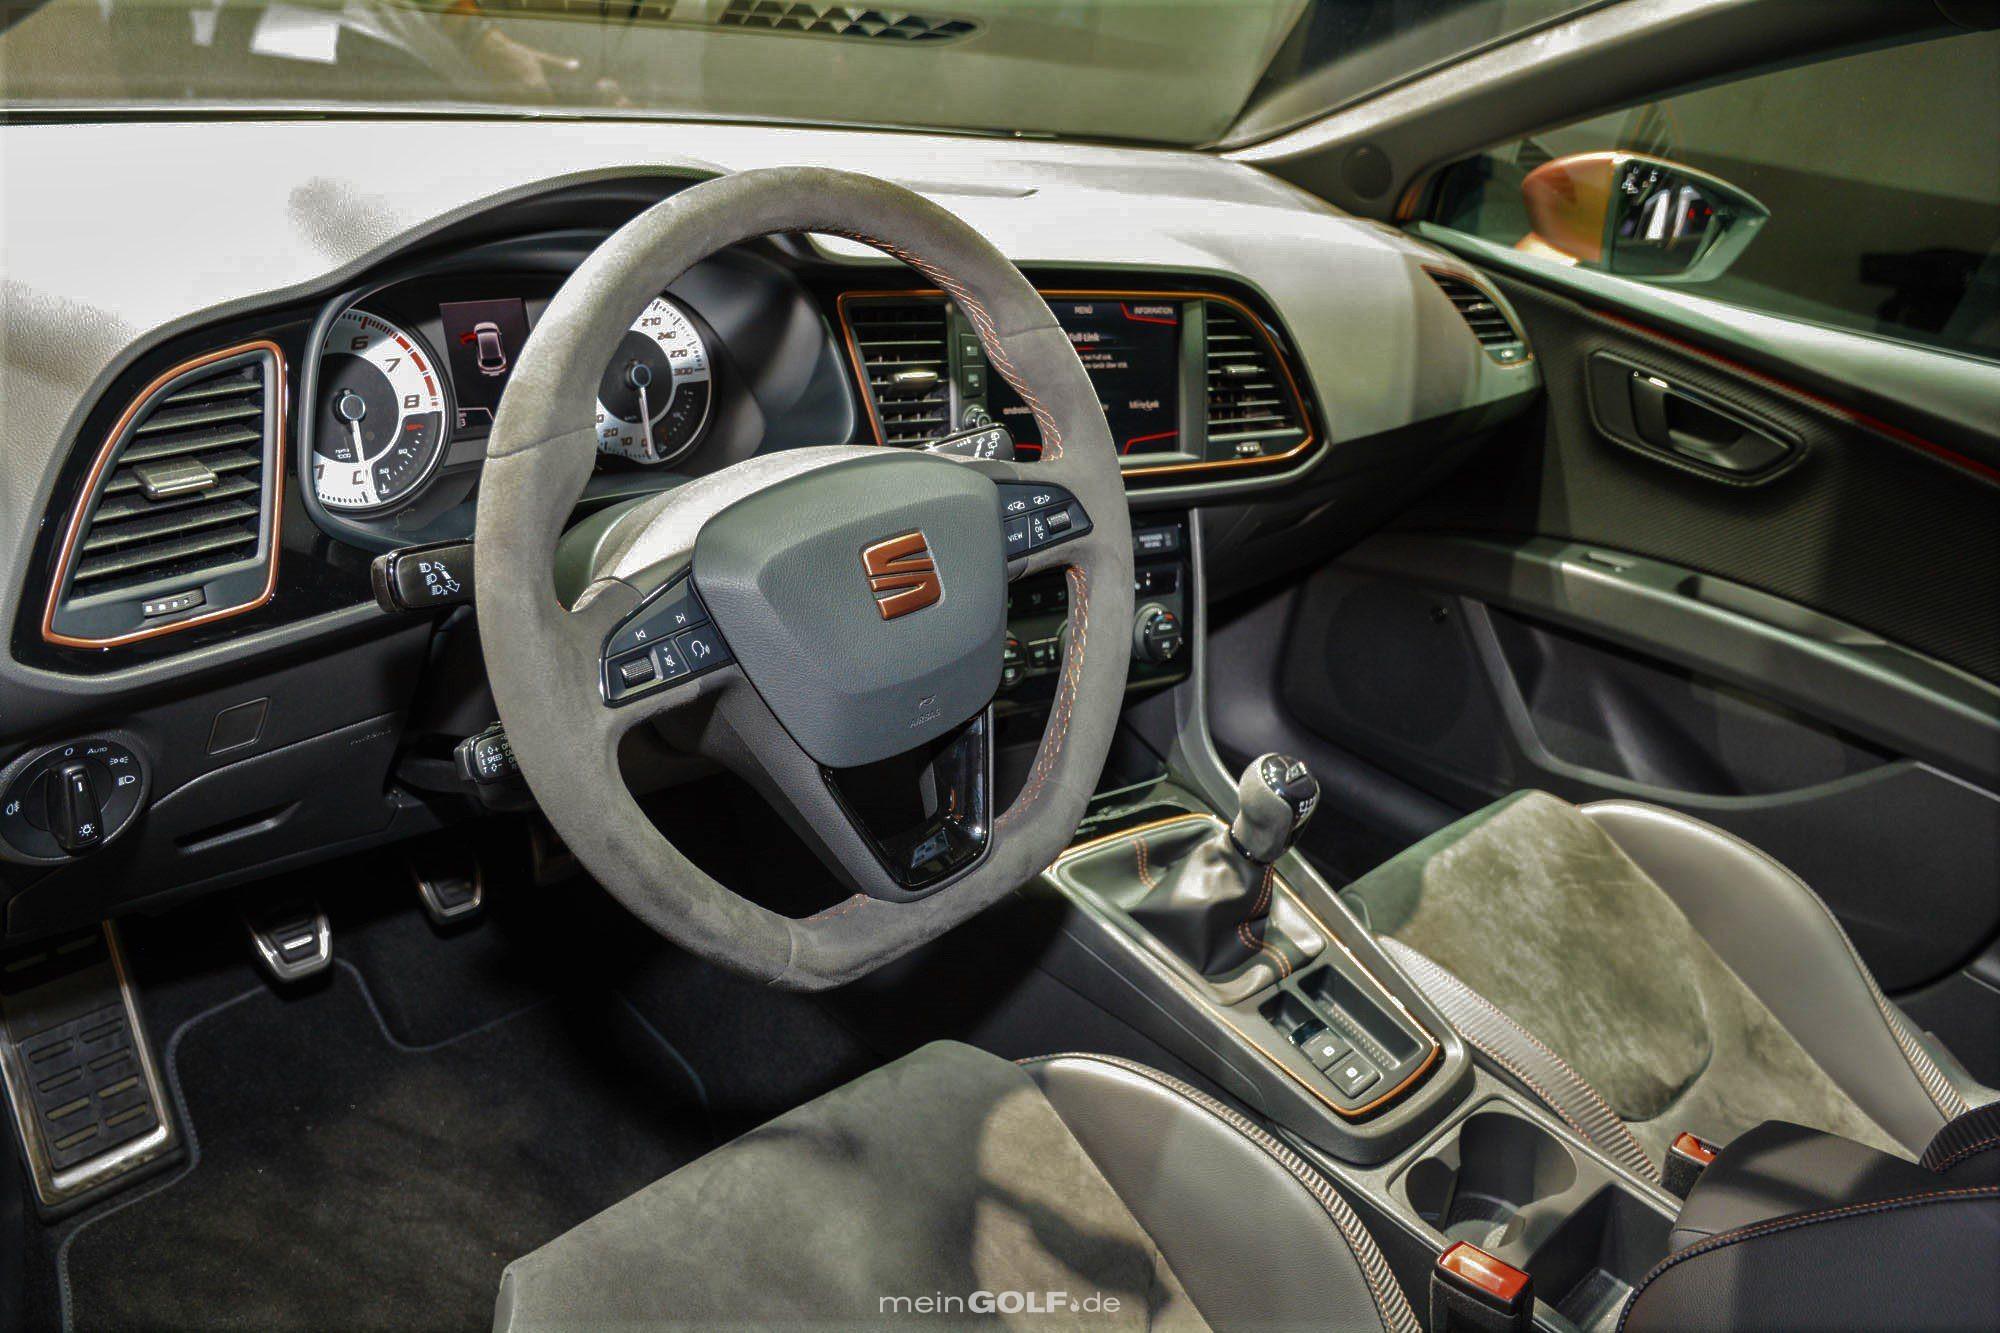 spanische speerspitze seat leon cupra r vw news auto news von. Black Bedroom Furniture Sets. Home Design Ideas